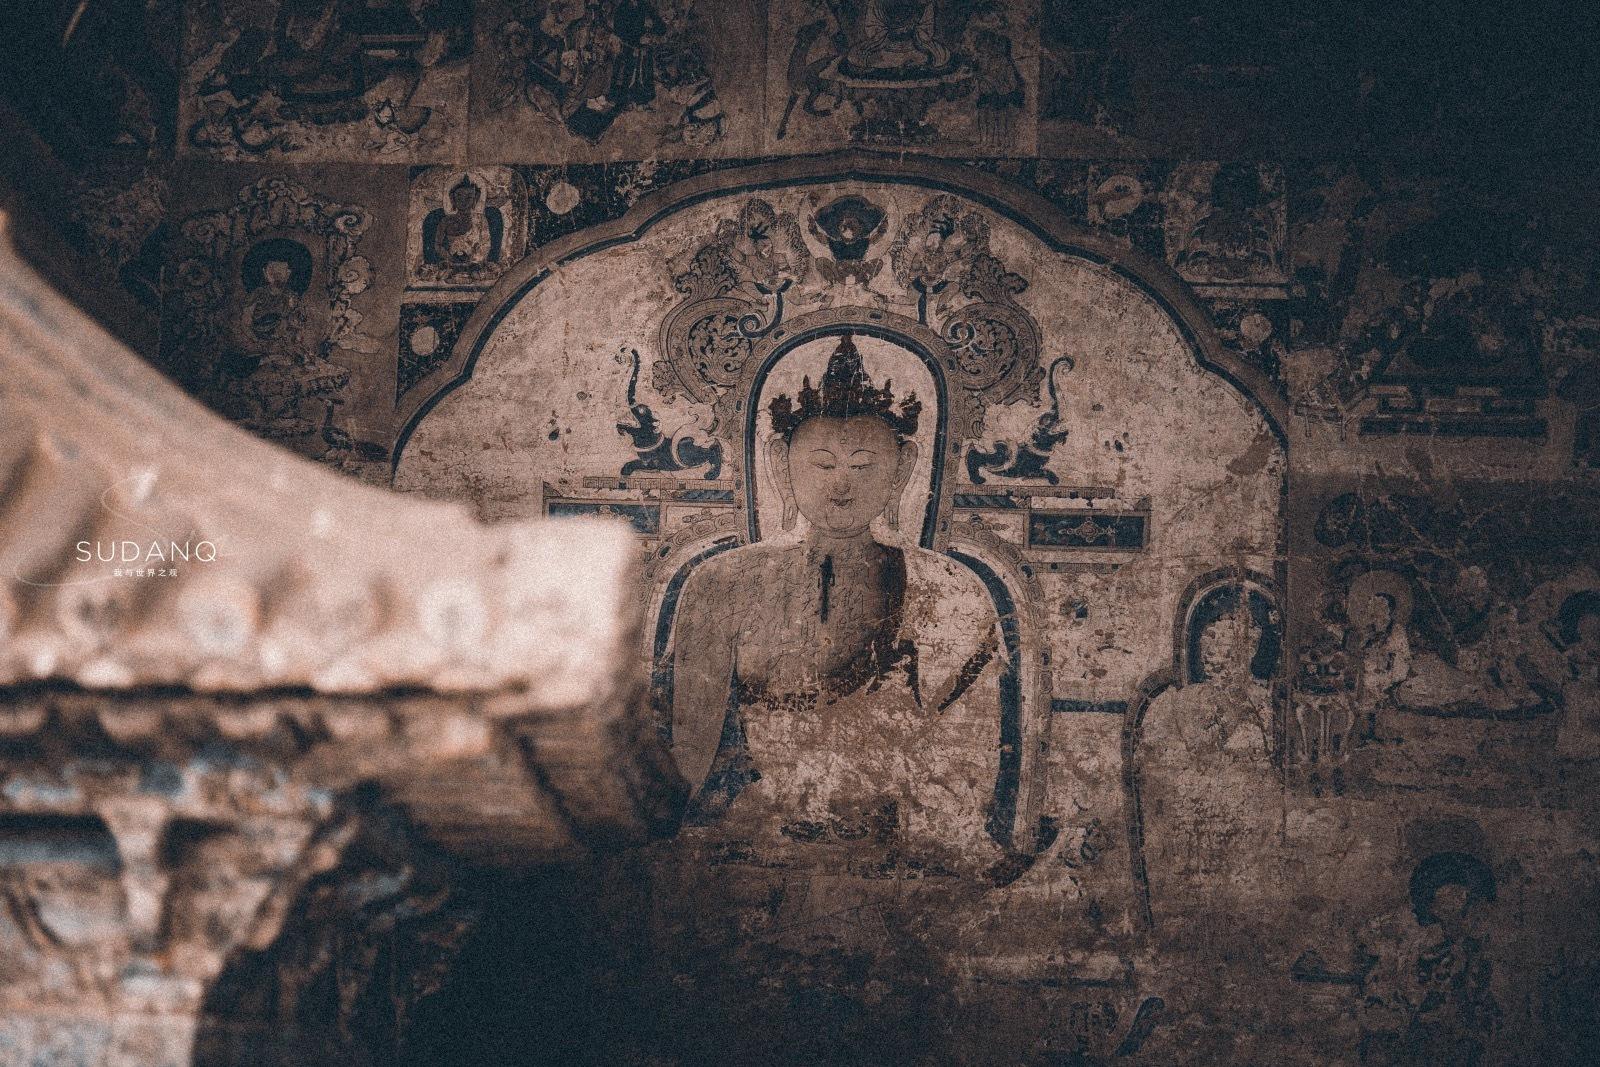 甘肃三大石窟有莫高窟、麦积山石窟和炳灵寺石窟